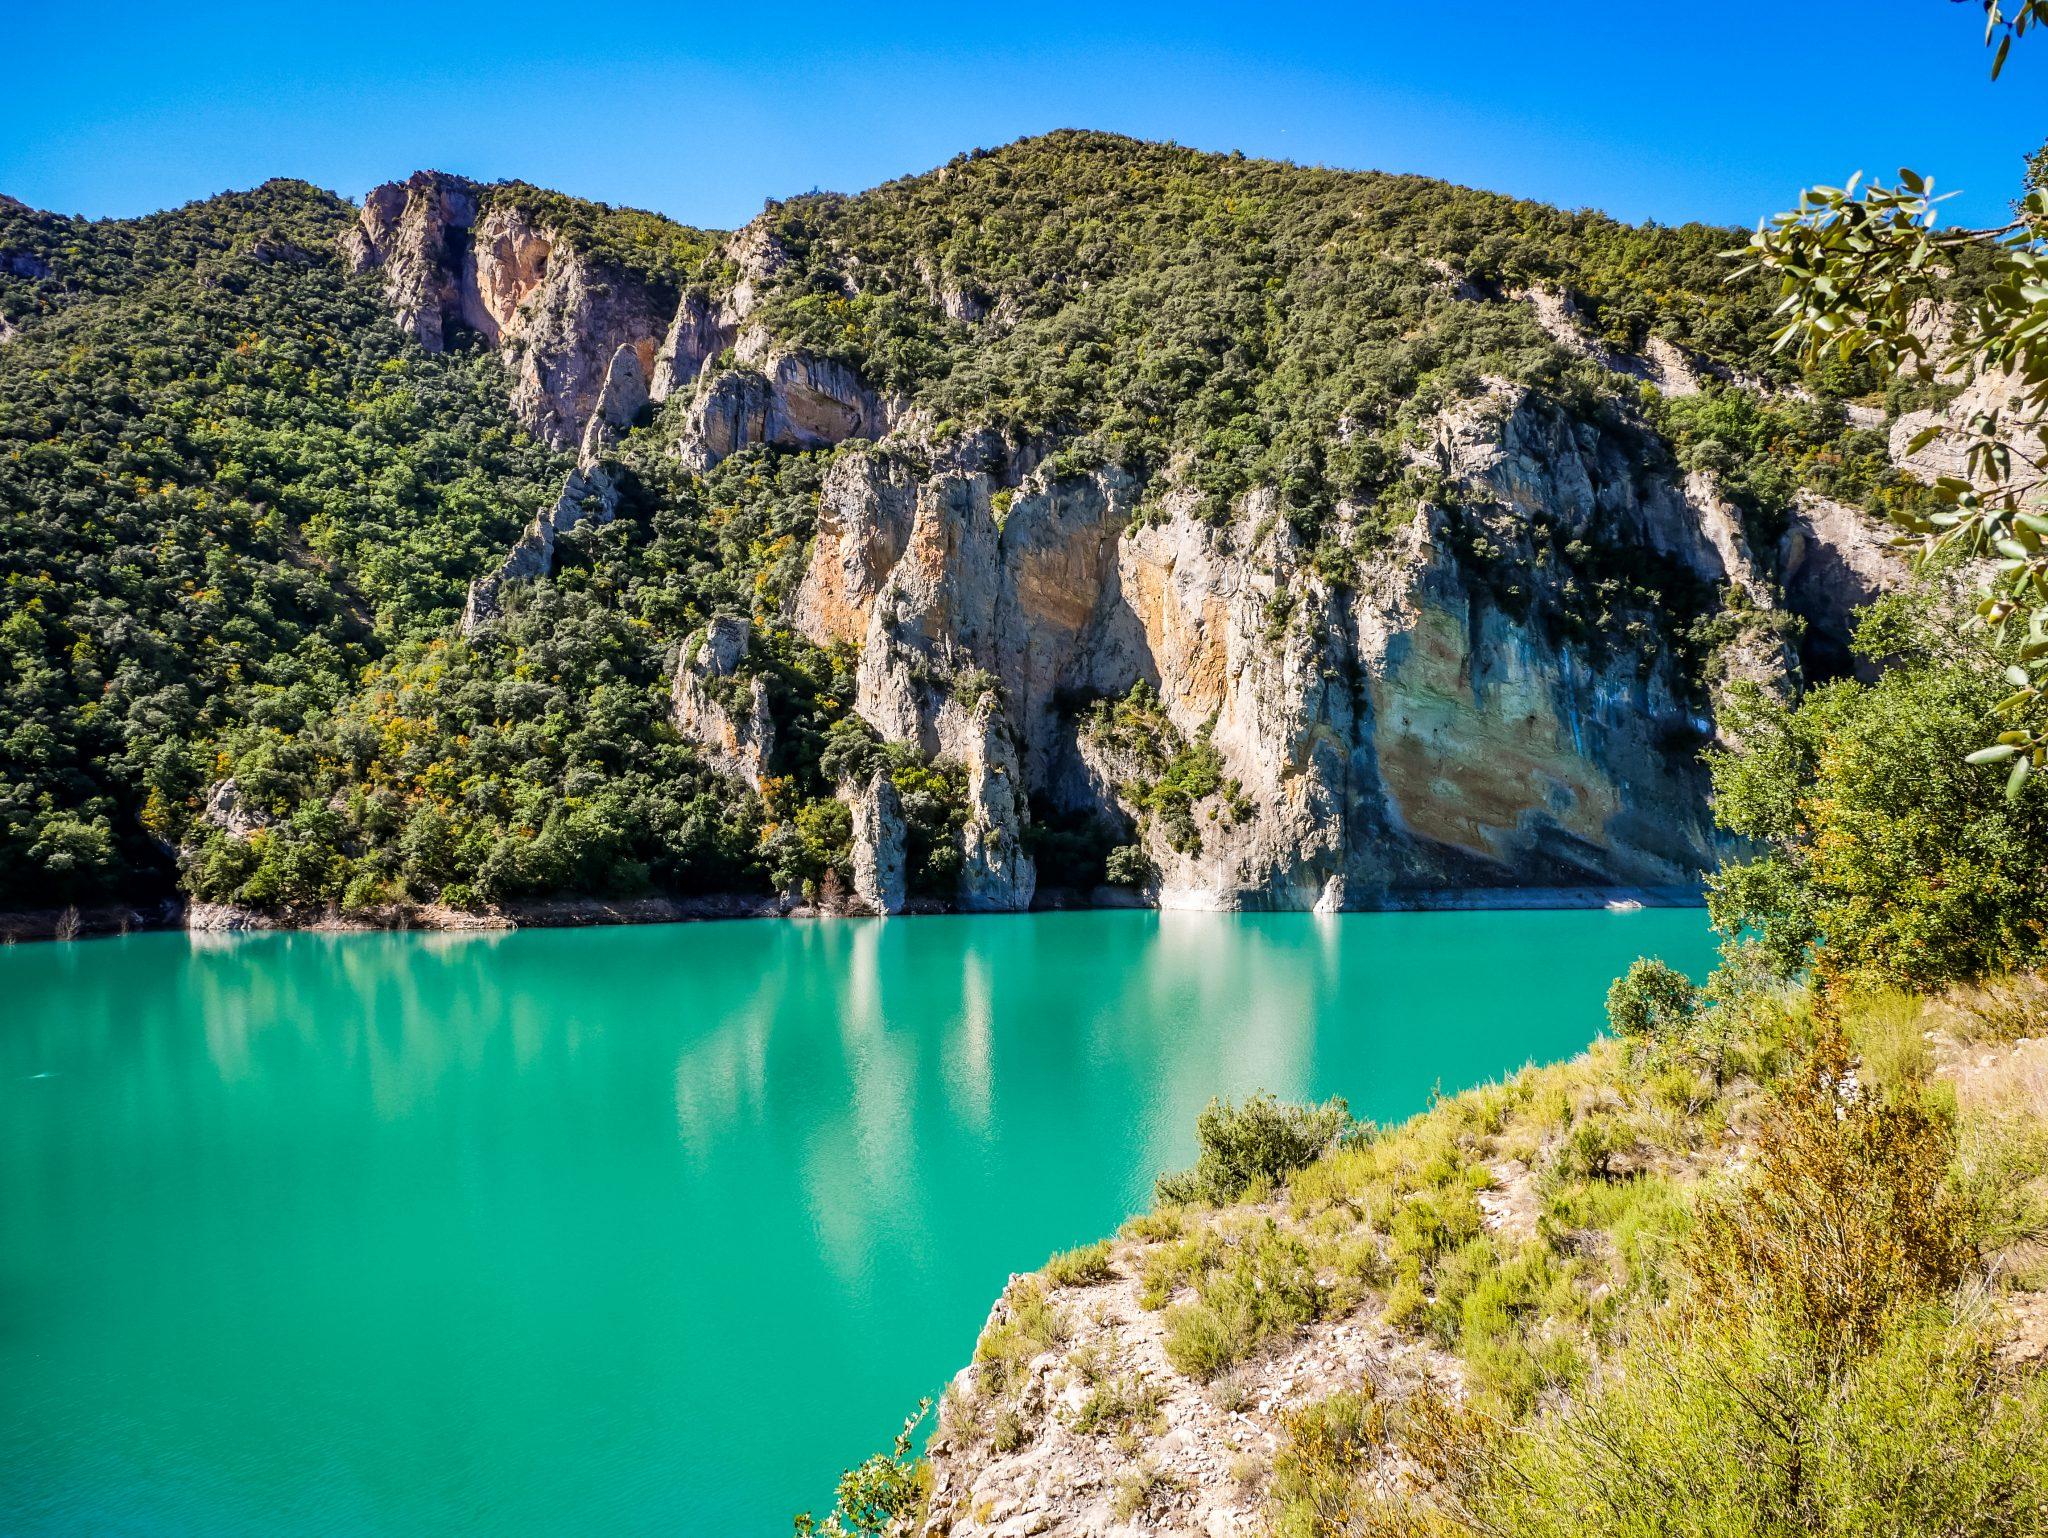 Der Fluss Noguera Ribagorçana ist wirklich klar und man kann von weitem Fische beim schwimmen beobachten.